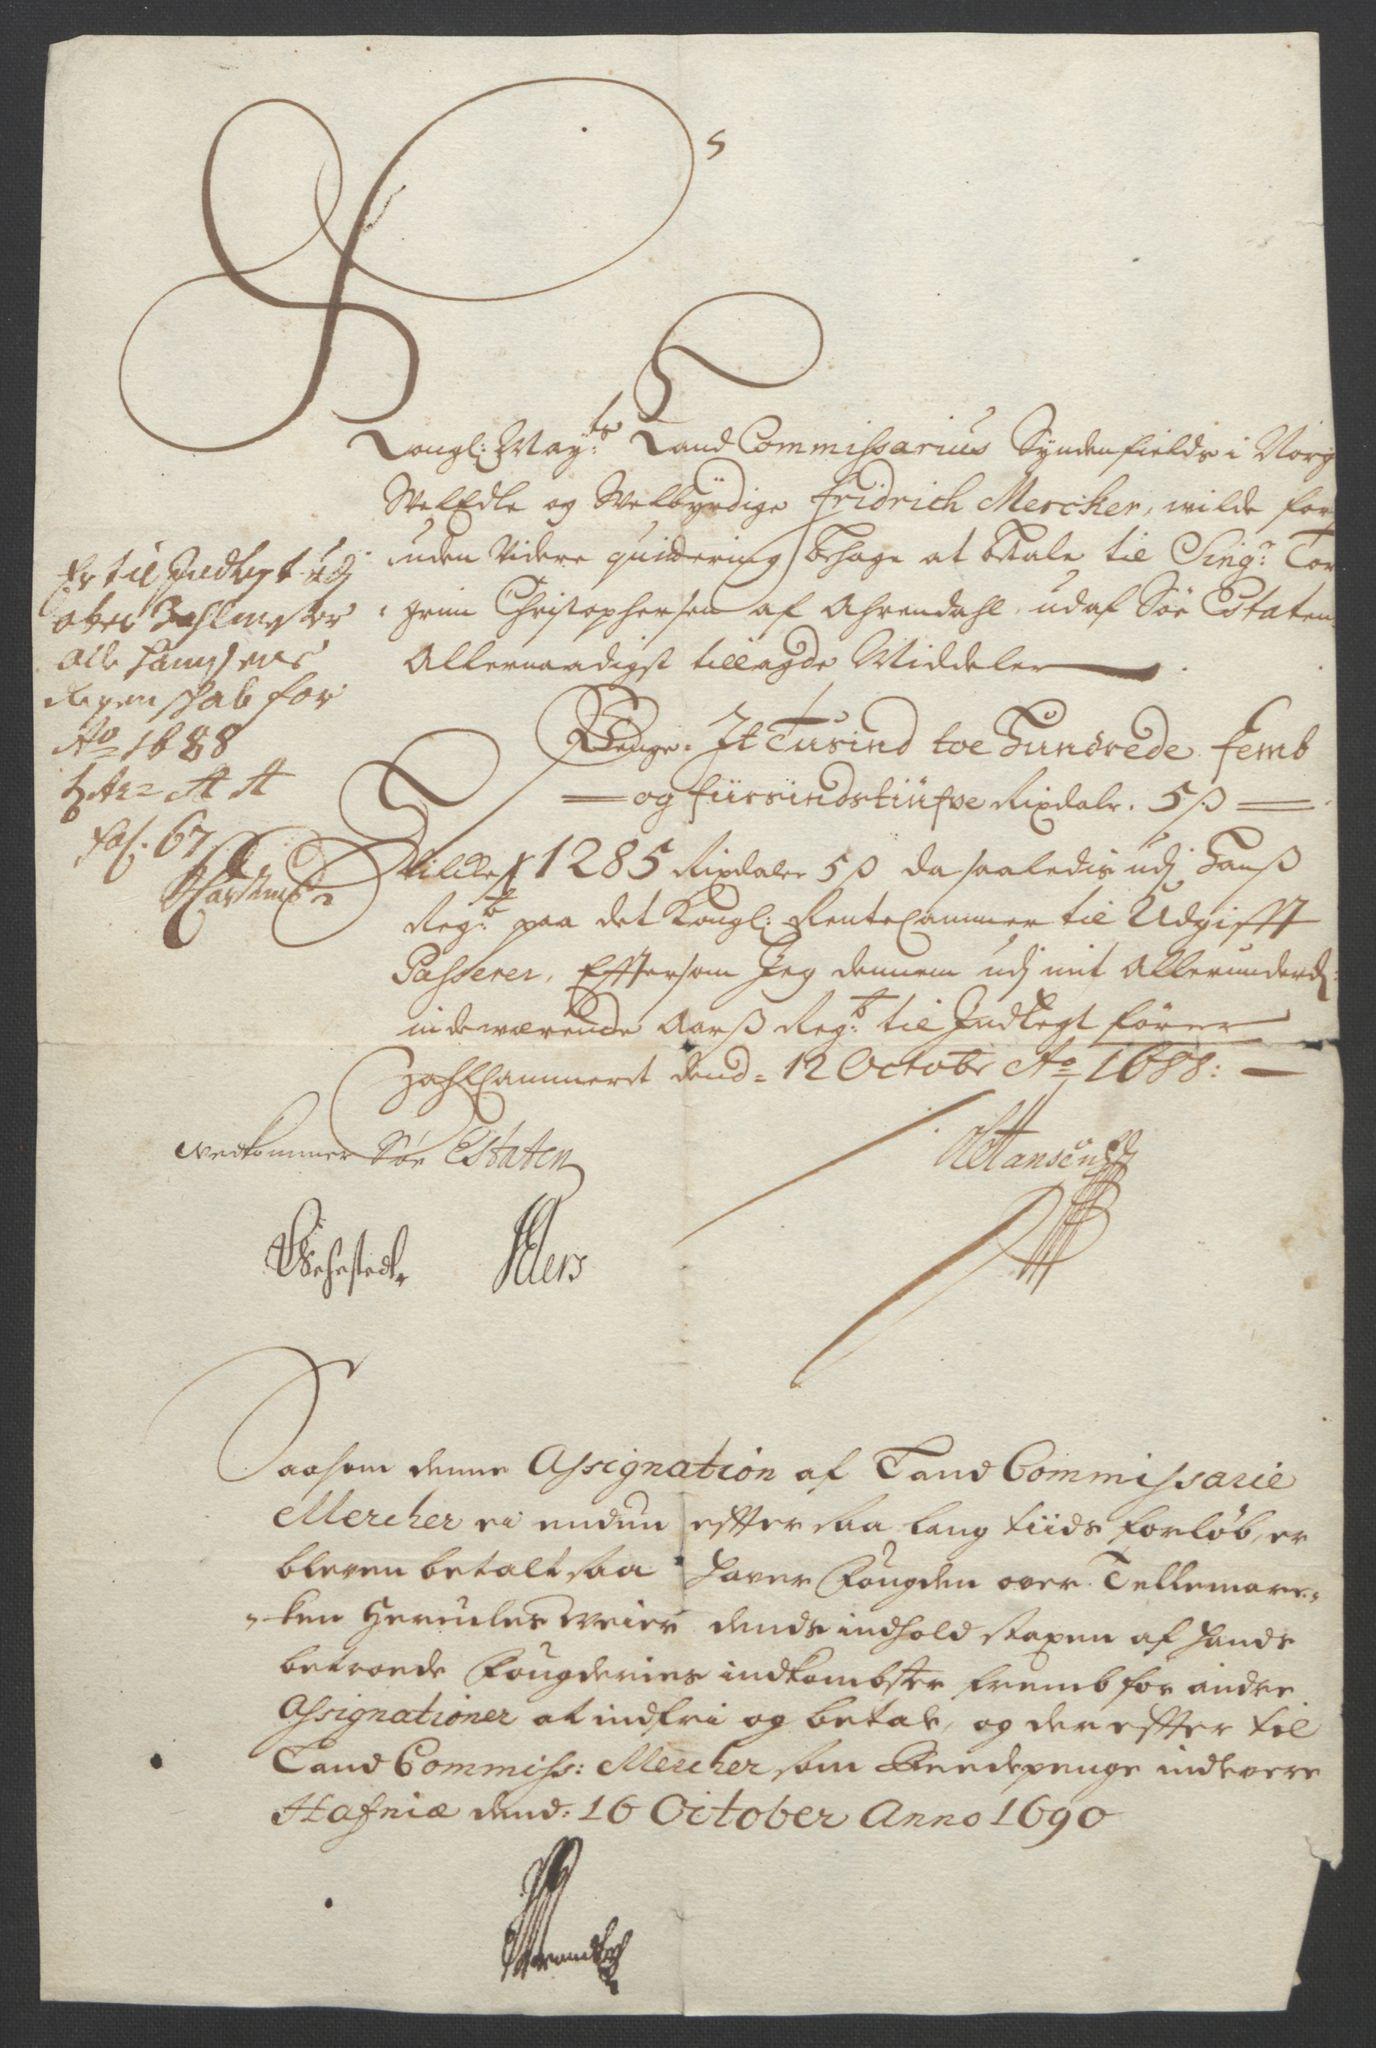 RA, Rentekammeret inntil 1814, Reviderte regnskaper, Fogderegnskap, R35/L2091: Fogderegnskap Øvre og Nedre Telemark, 1690-1693, s. 11